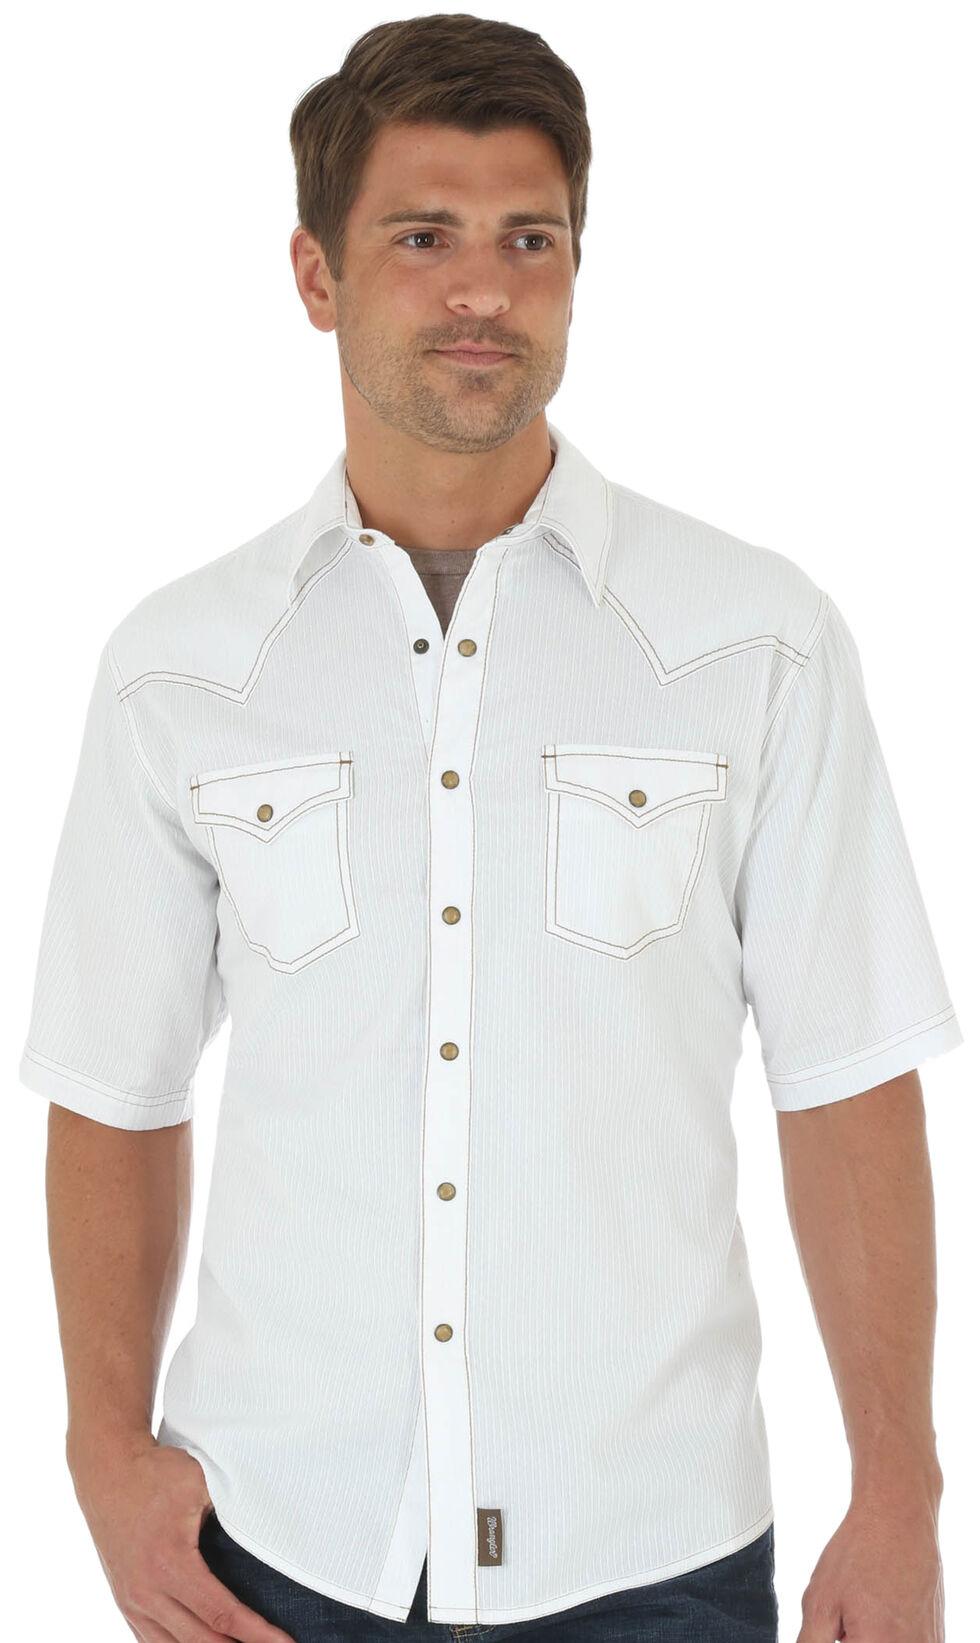 Wrangler Retro Men's Whiter Two Pockets Short Sleeve Shirt , White, hi-res